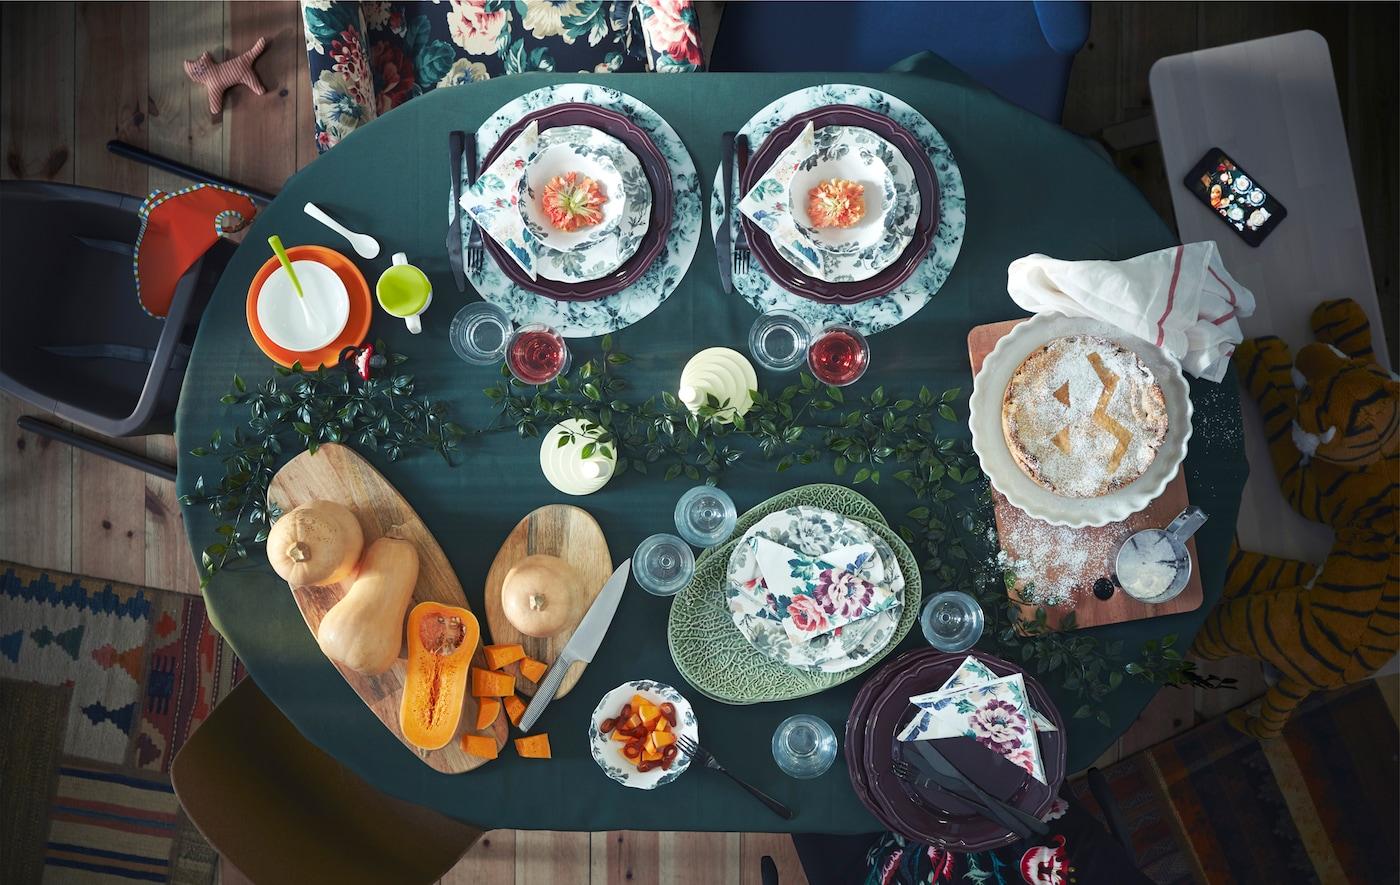 اجمع جميع أفراد العائلة حول طاولة طعام فسيحة مثل INGATORP من ايكيا لقضاء وقت رائع يمكنكم جميعًا الاستمتاع به.